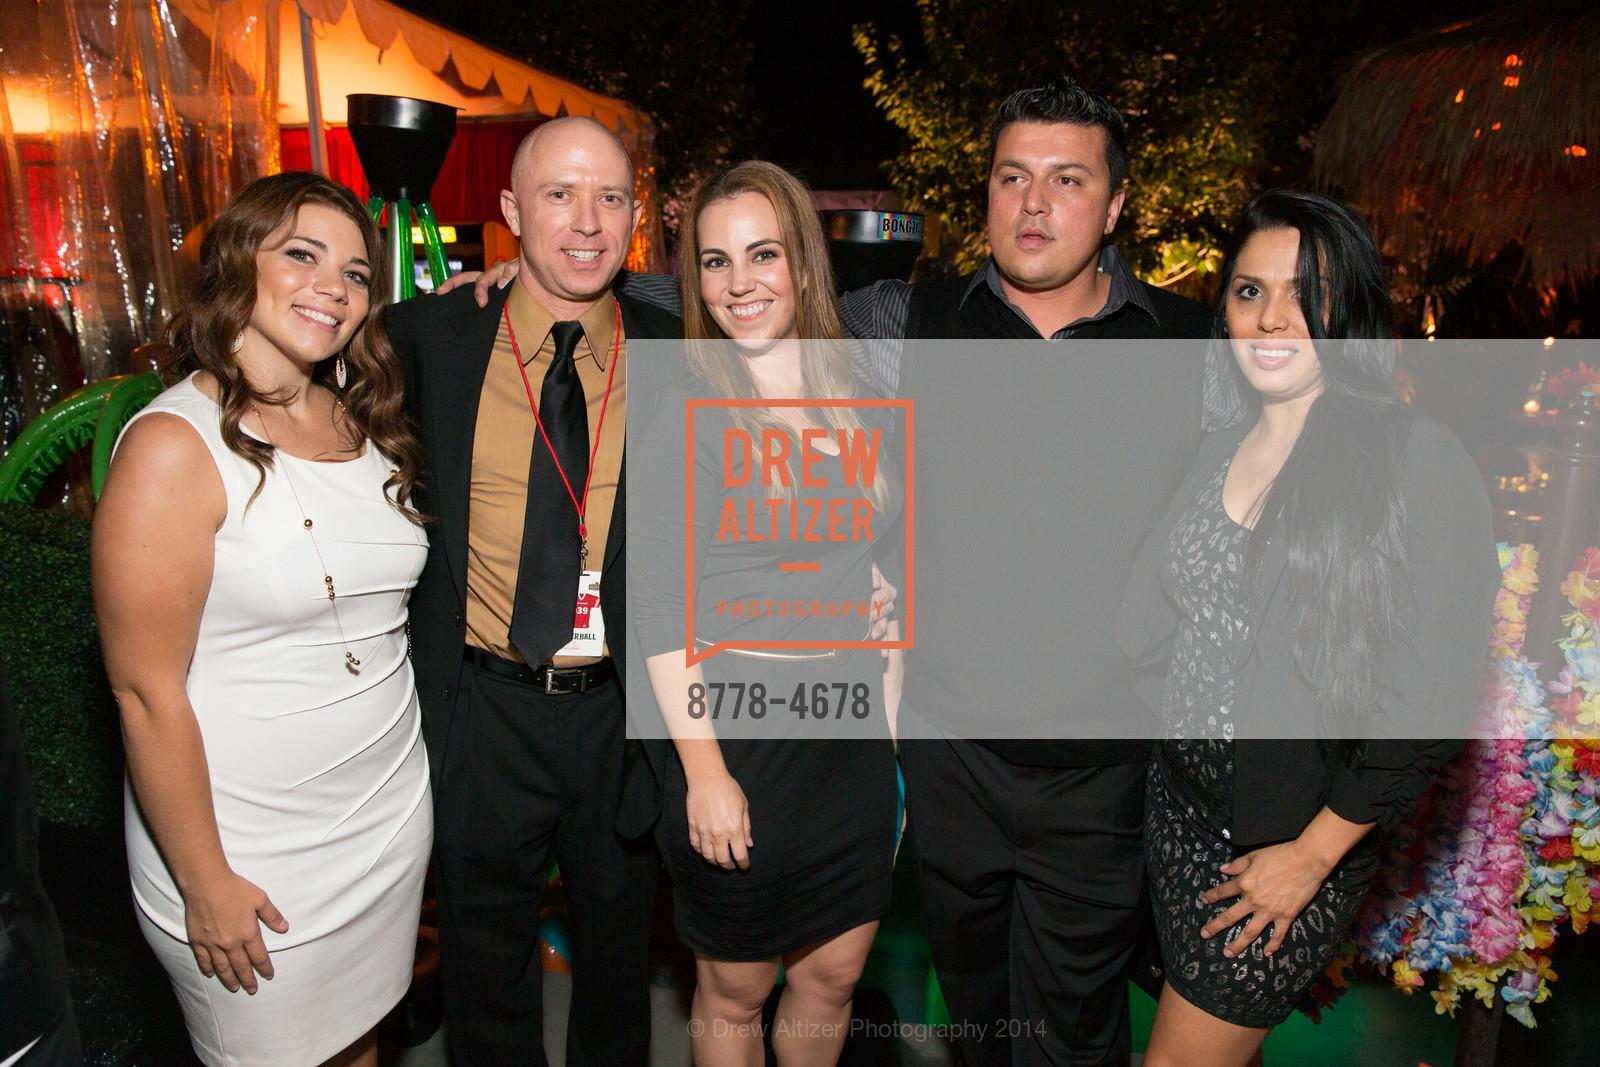 Shailane ?, Tom Beauchamp, Sarah Poszel, David Rick, Erica Cardenas, Photo #8778-4678